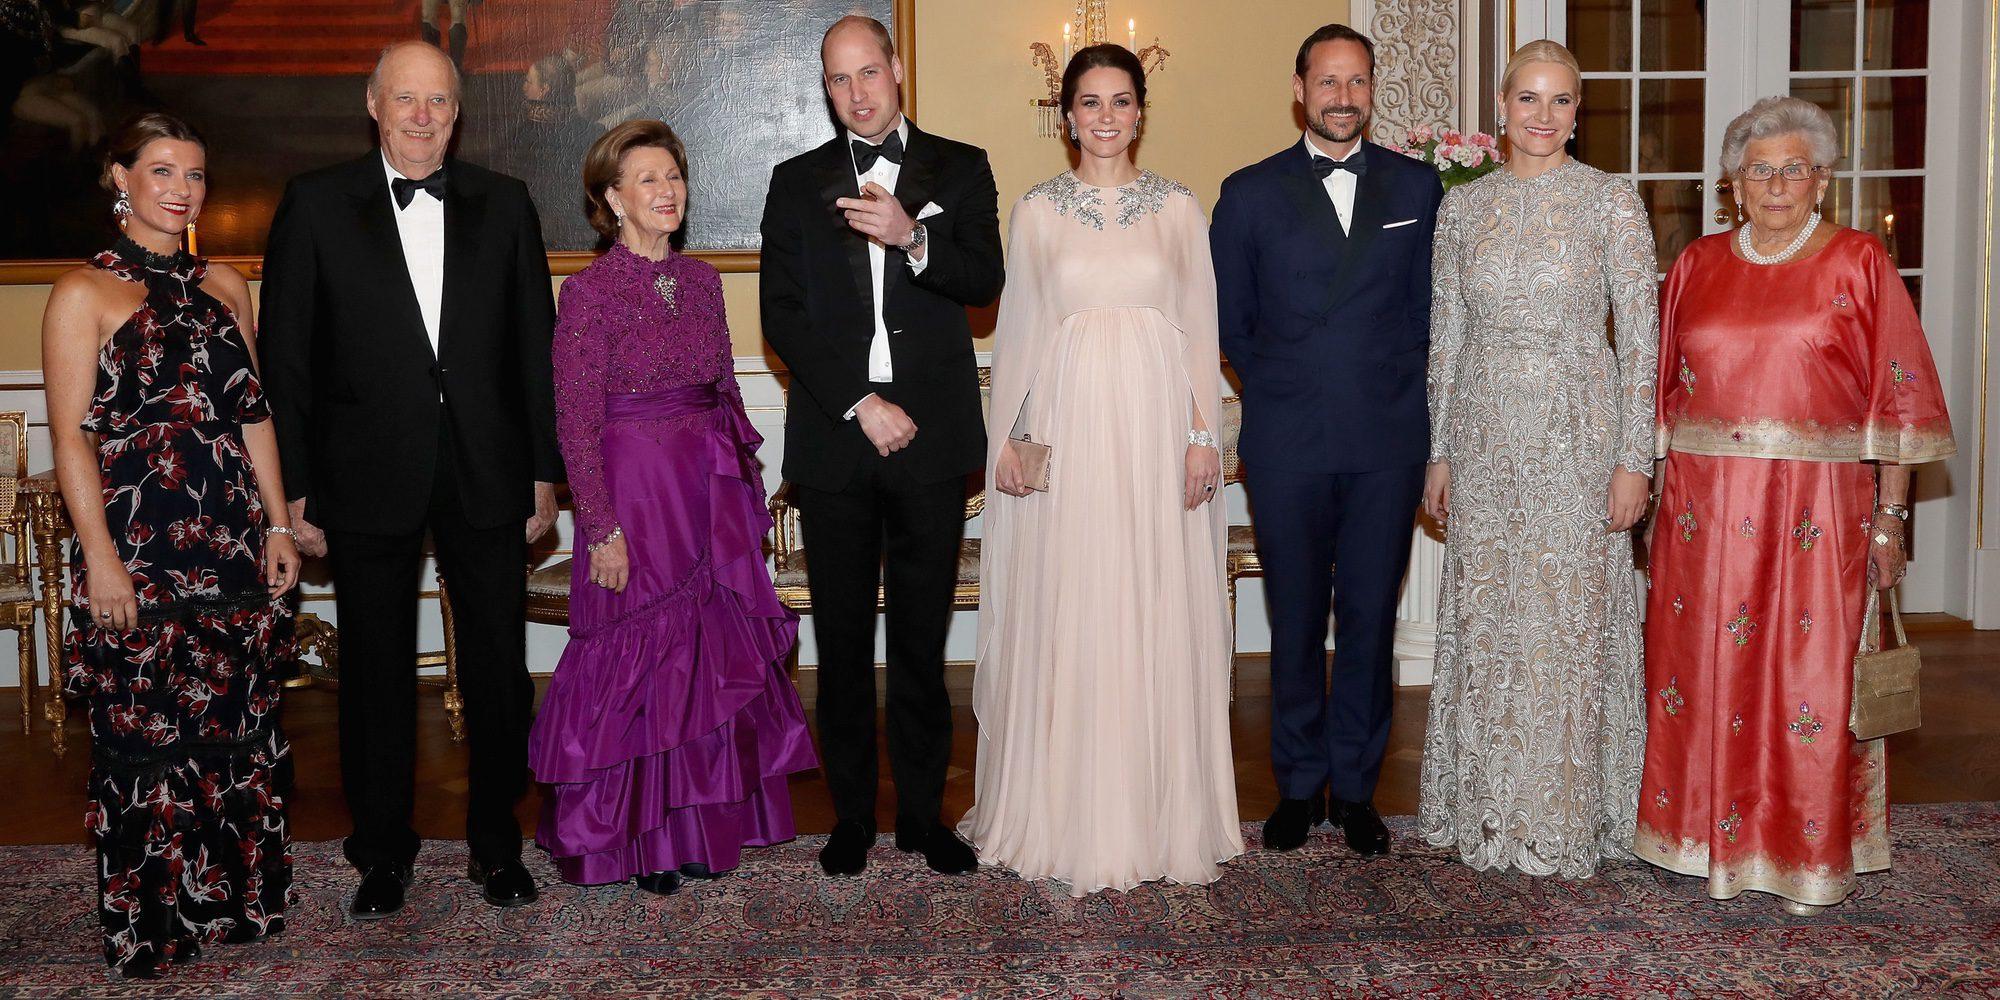 Sonrisas, elegancia, cena de gala y 'Skam': así ha sido el paso del Príncipe Guillermo y Kate Middleton por Noruega